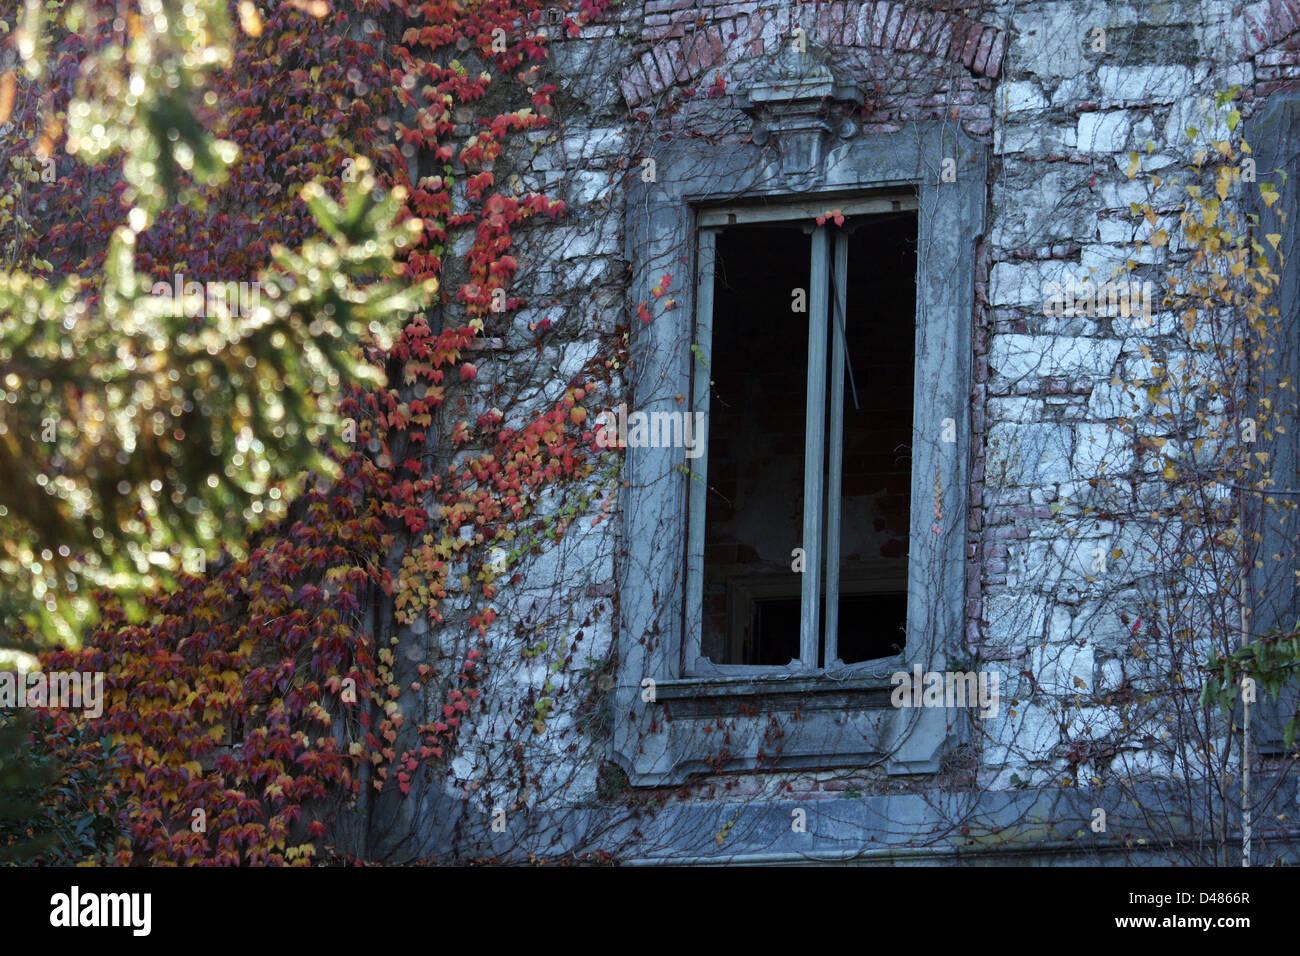 Italy, Lake Maggiore, closeup of a window - Stock Image